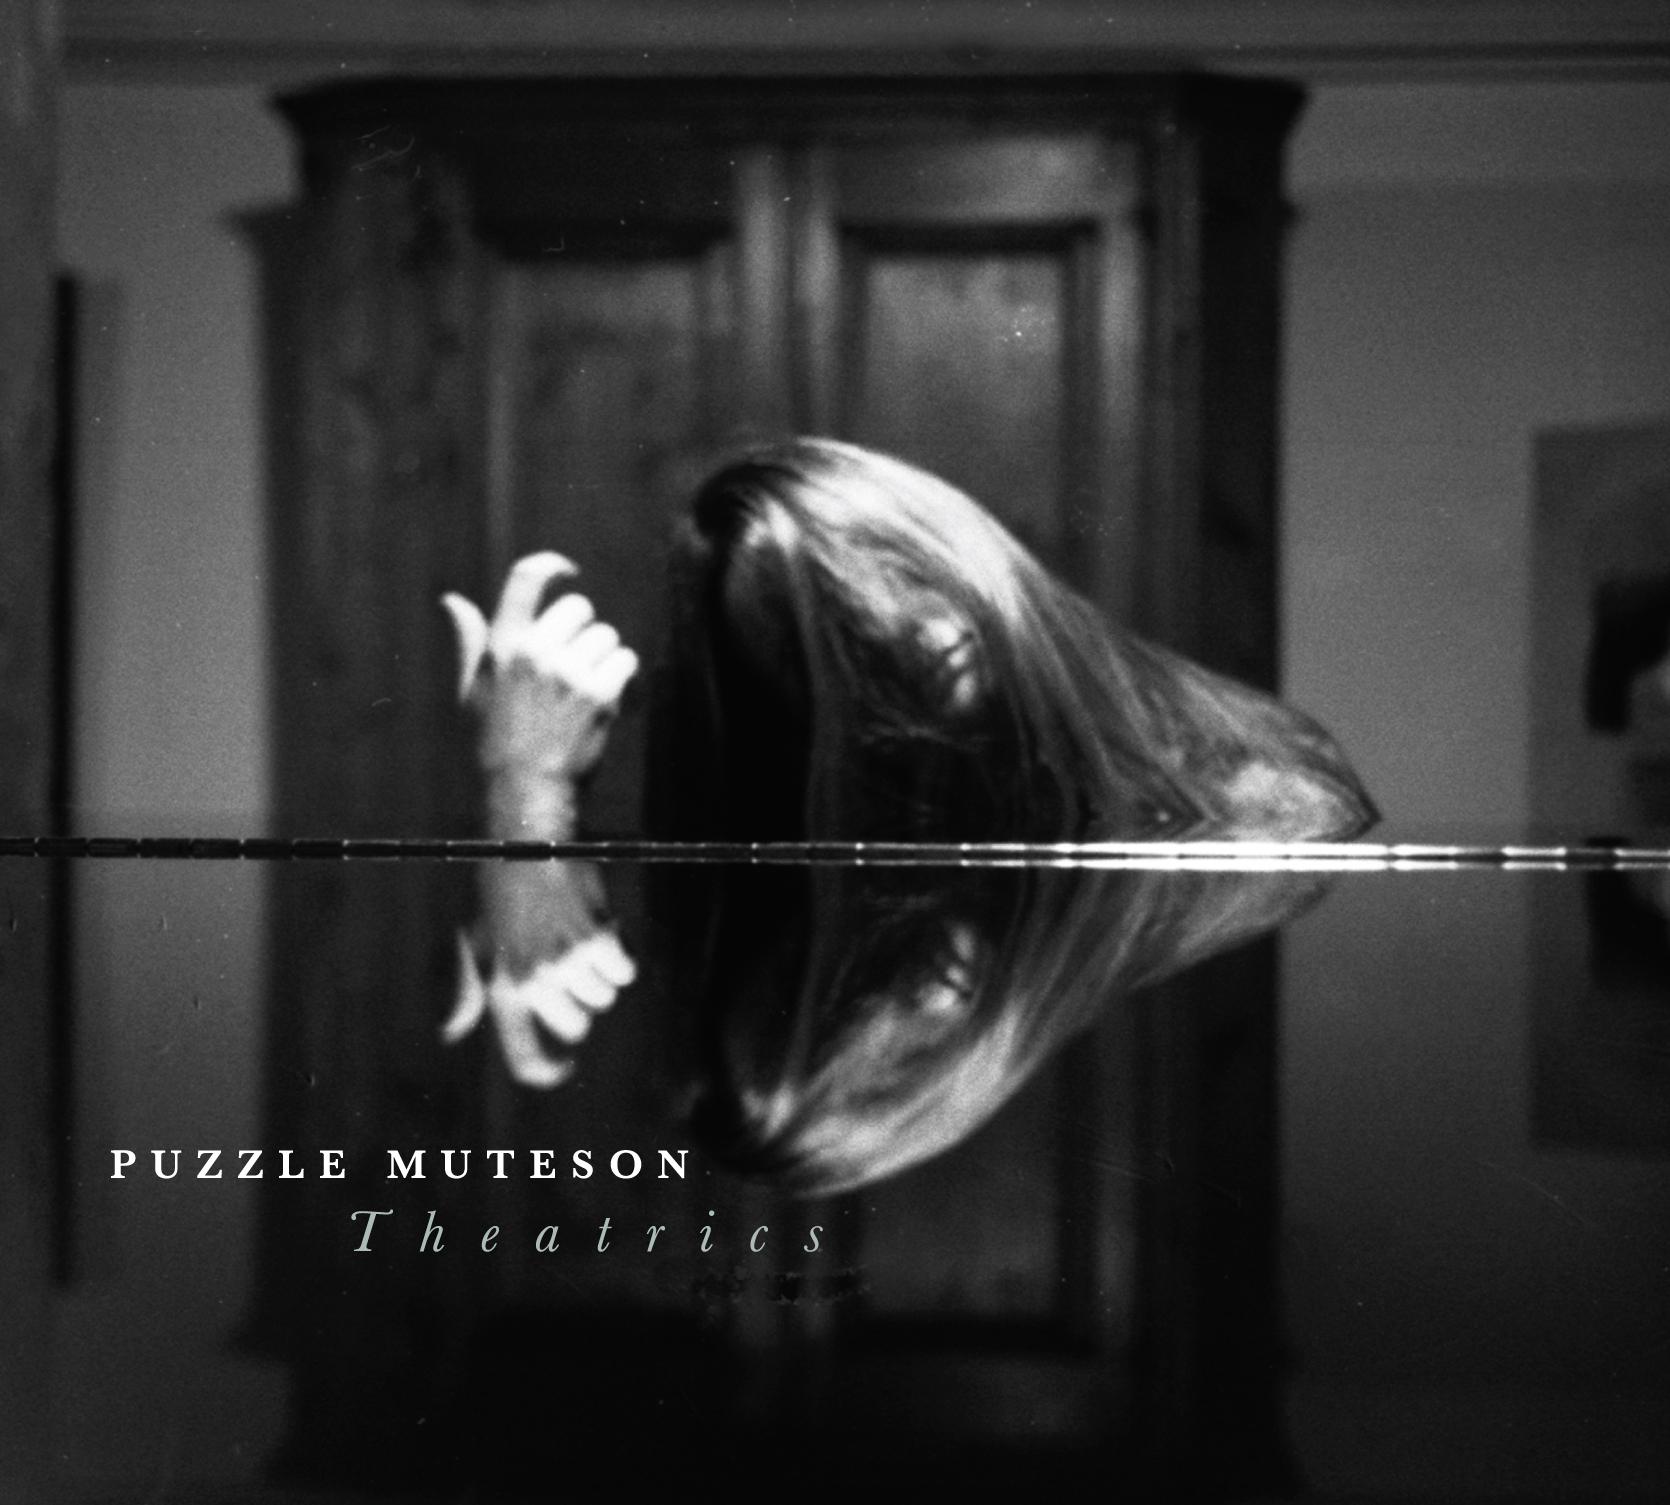 PUZZLE MUTESONTHEATRICS - CD/DIGITAL